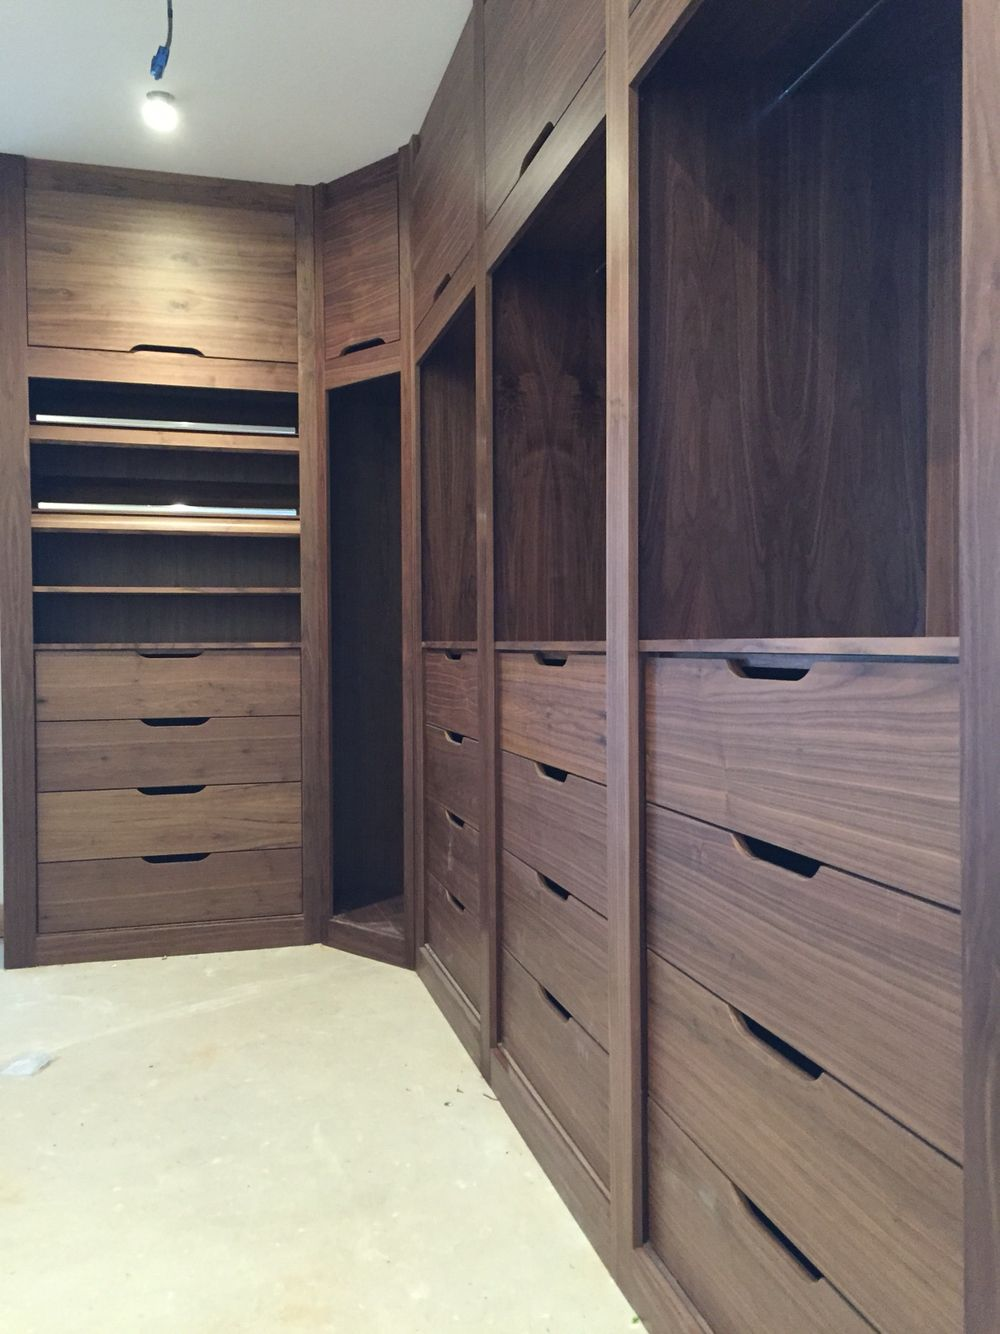 Walnut walk-in closet